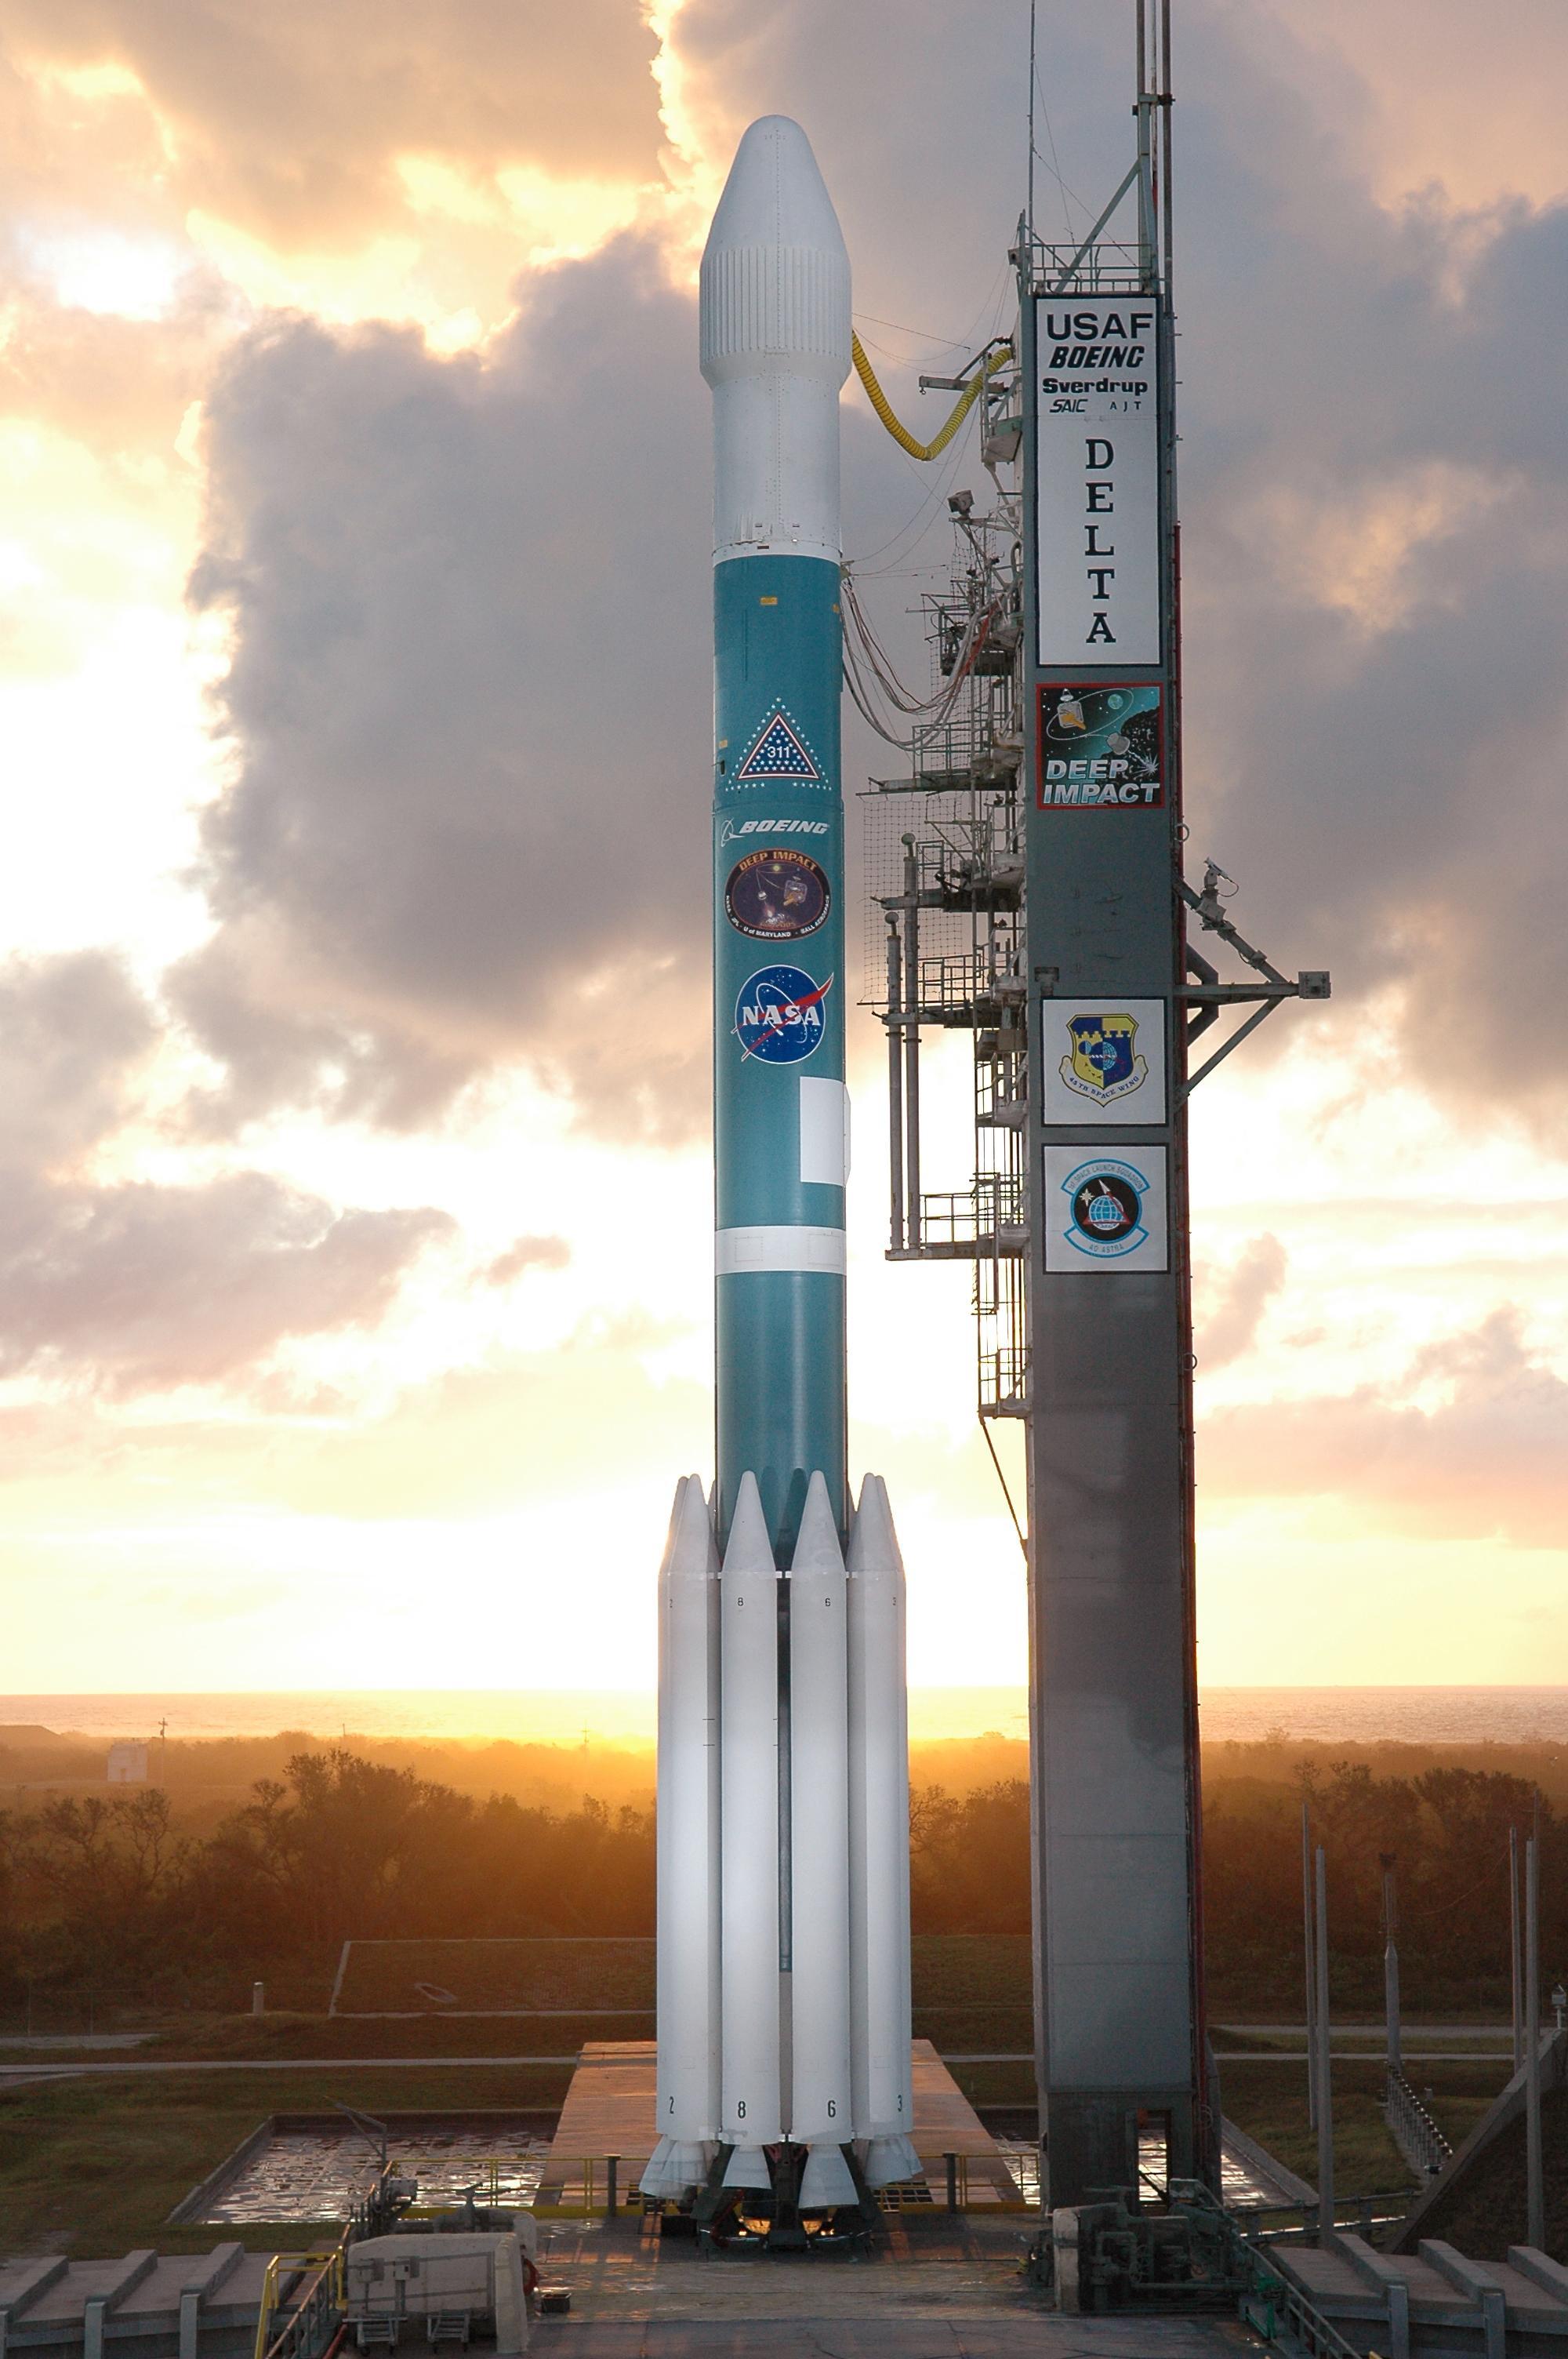 delta space rocket - photo #9